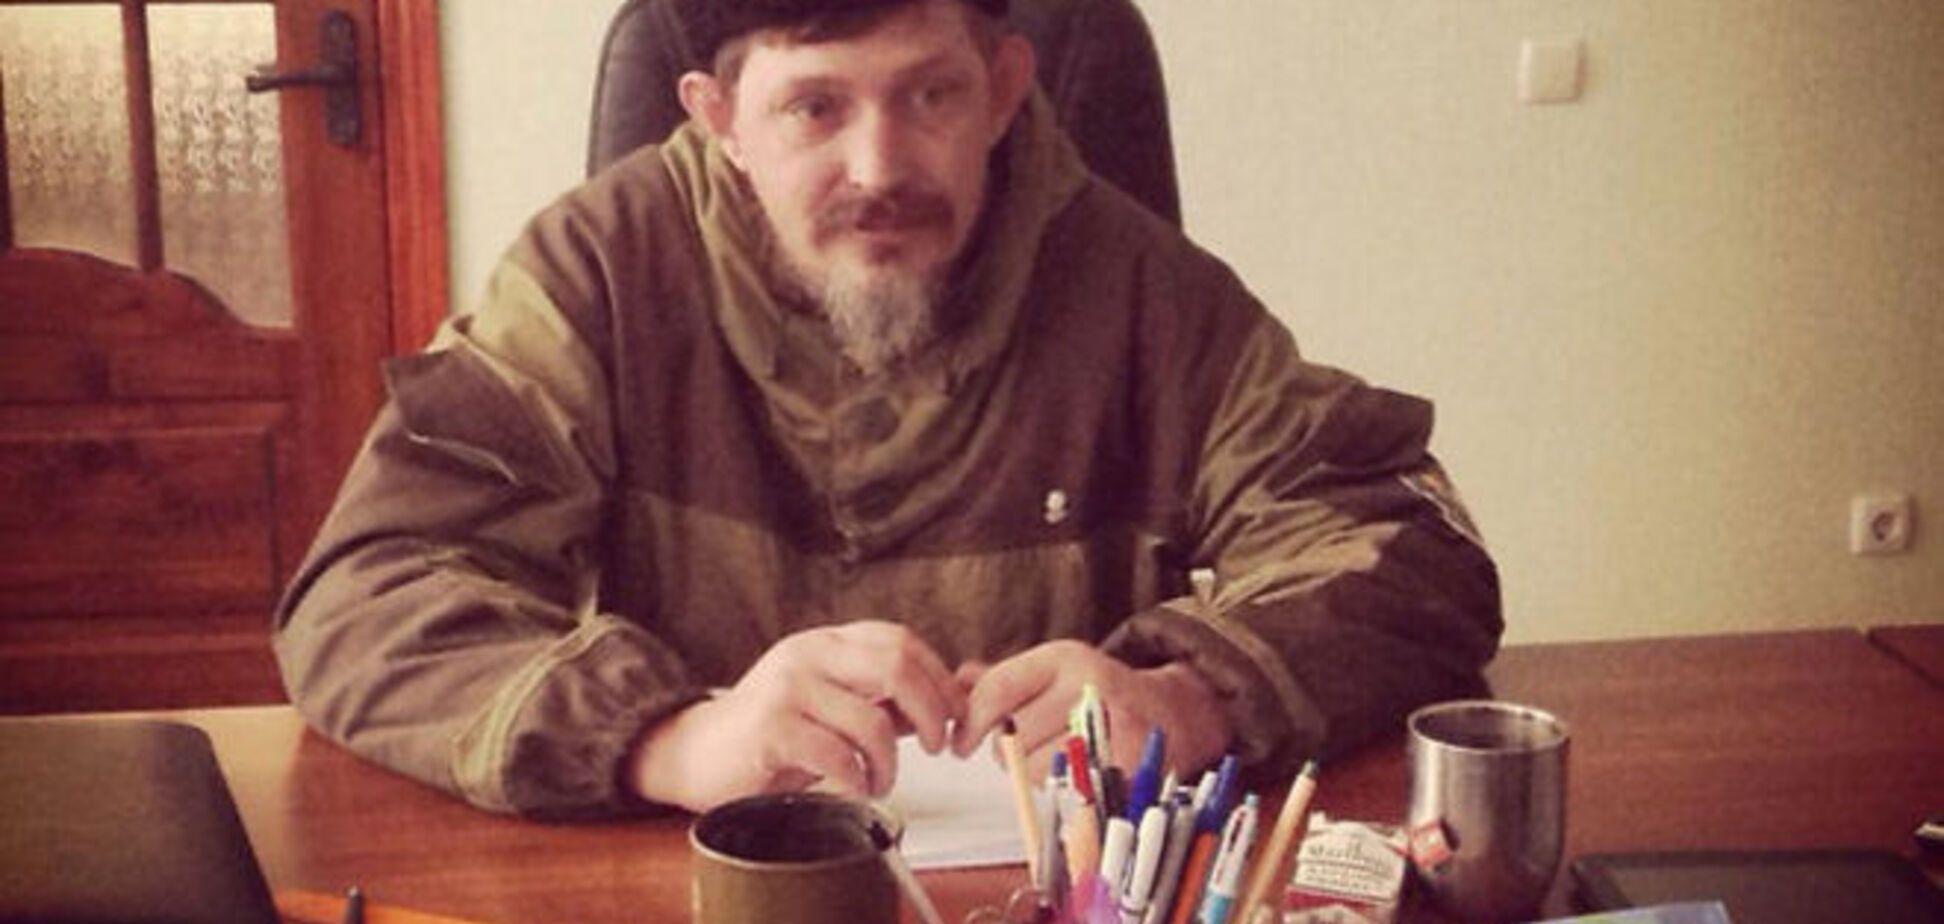 Террорист Дремов раскрыл карты: Дебальцево бомбили, росармия – идиоты и лгуны, 'ЛНР' - не люди